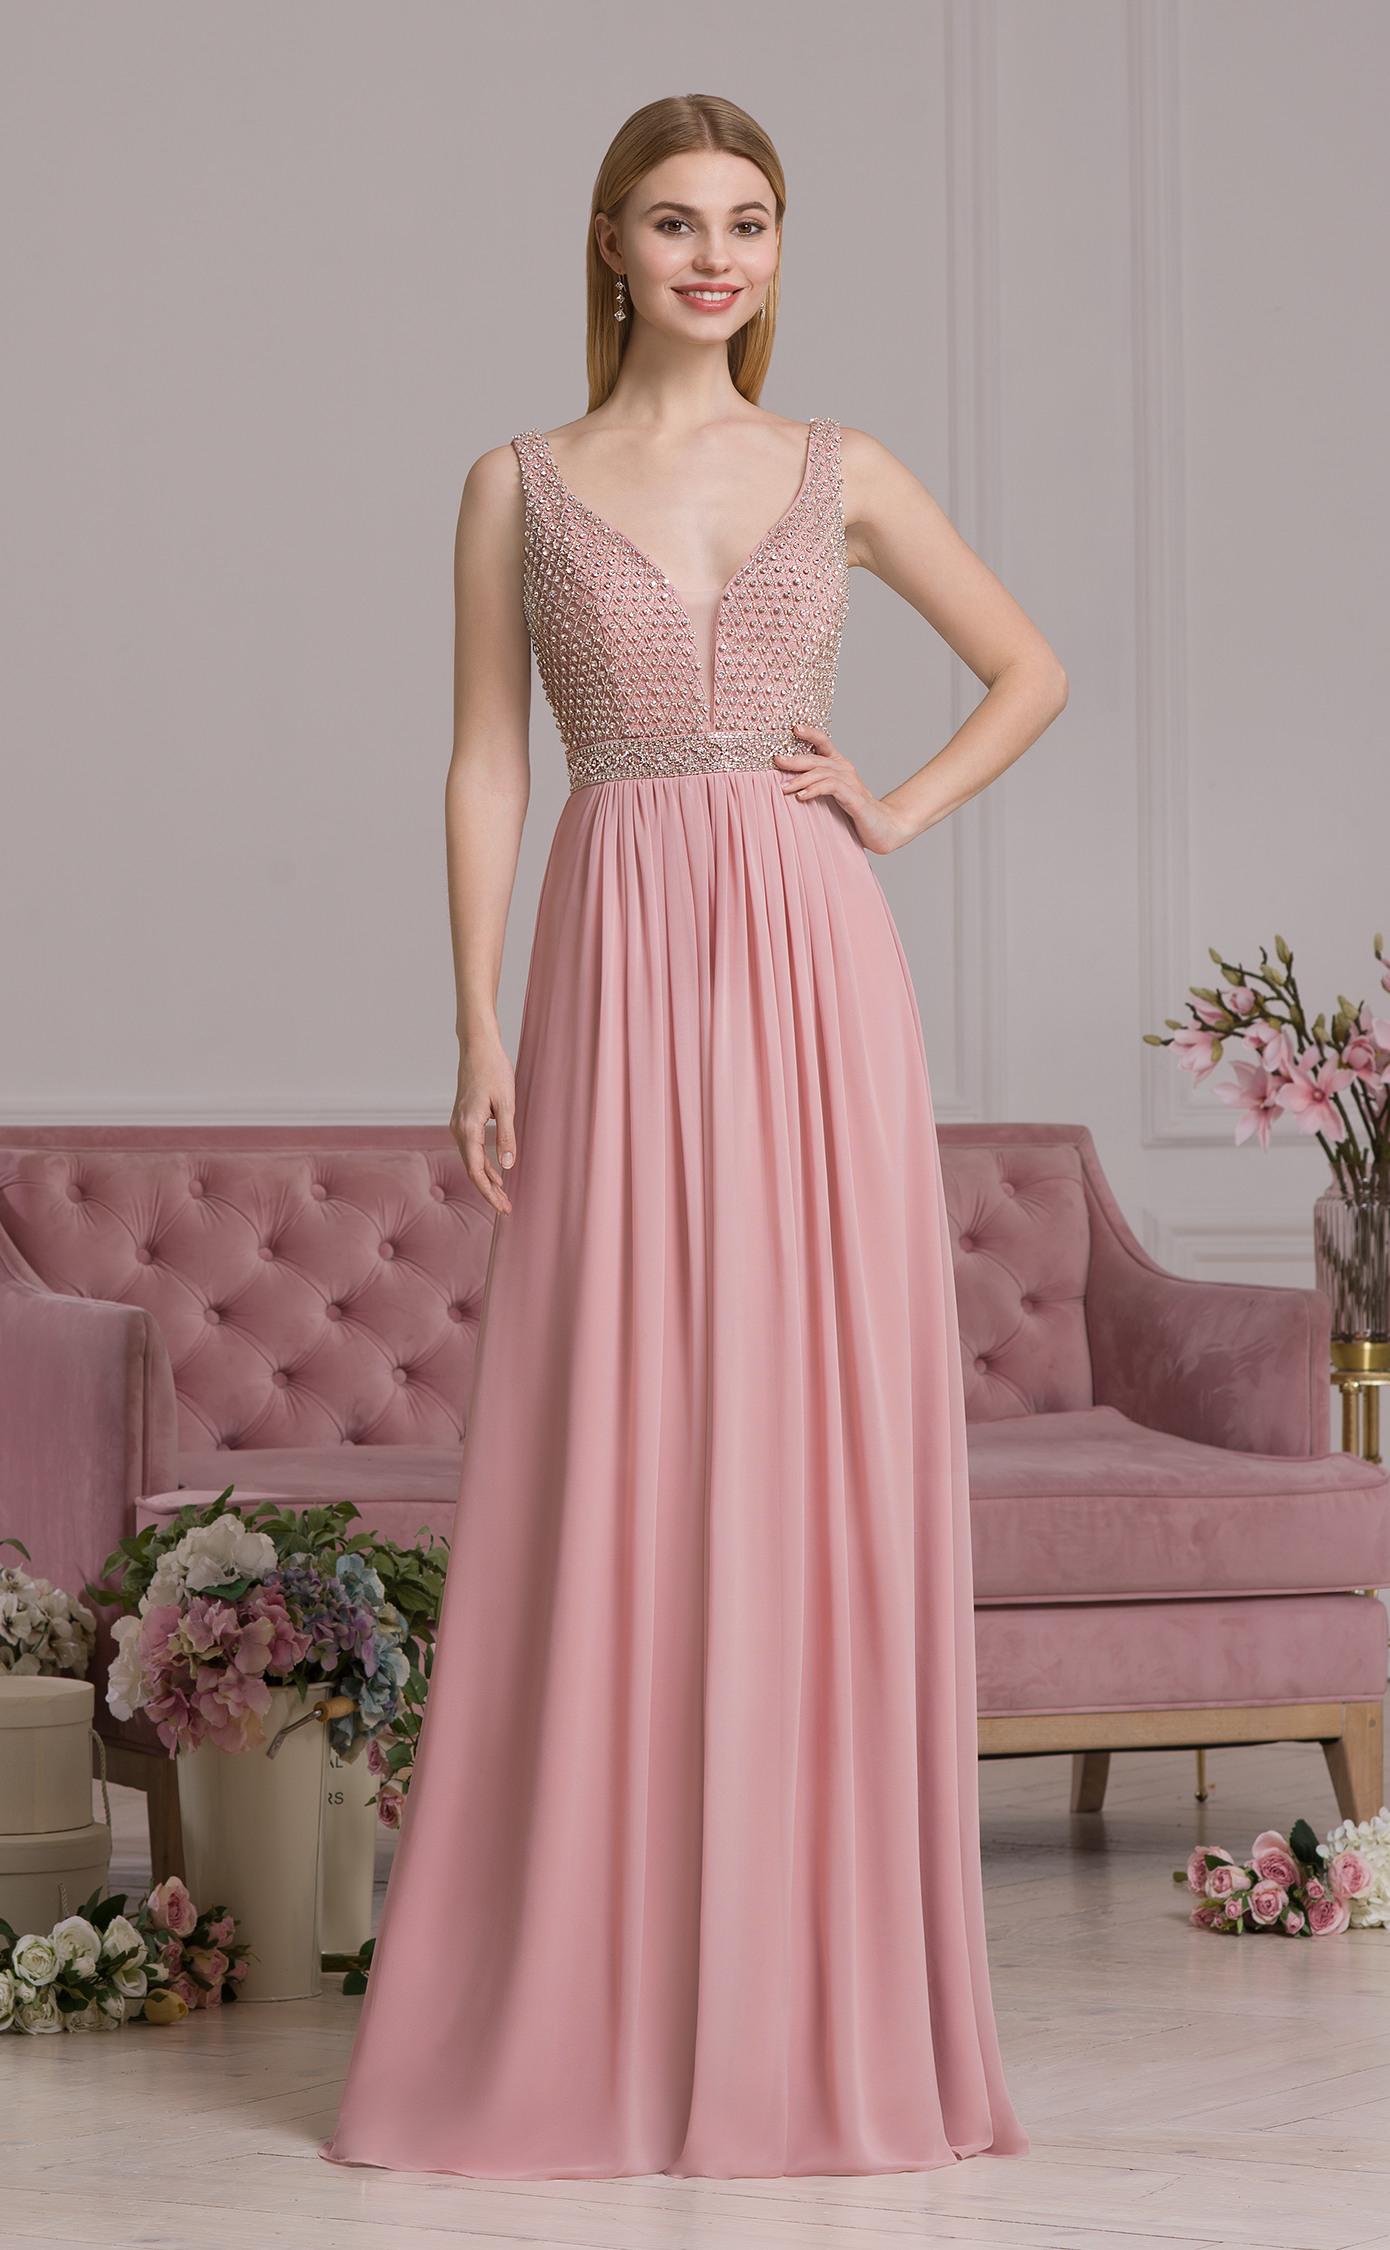 Schön Altrosa Abendkleid für 2019 Cool Altrosa Abendkleid für 2019